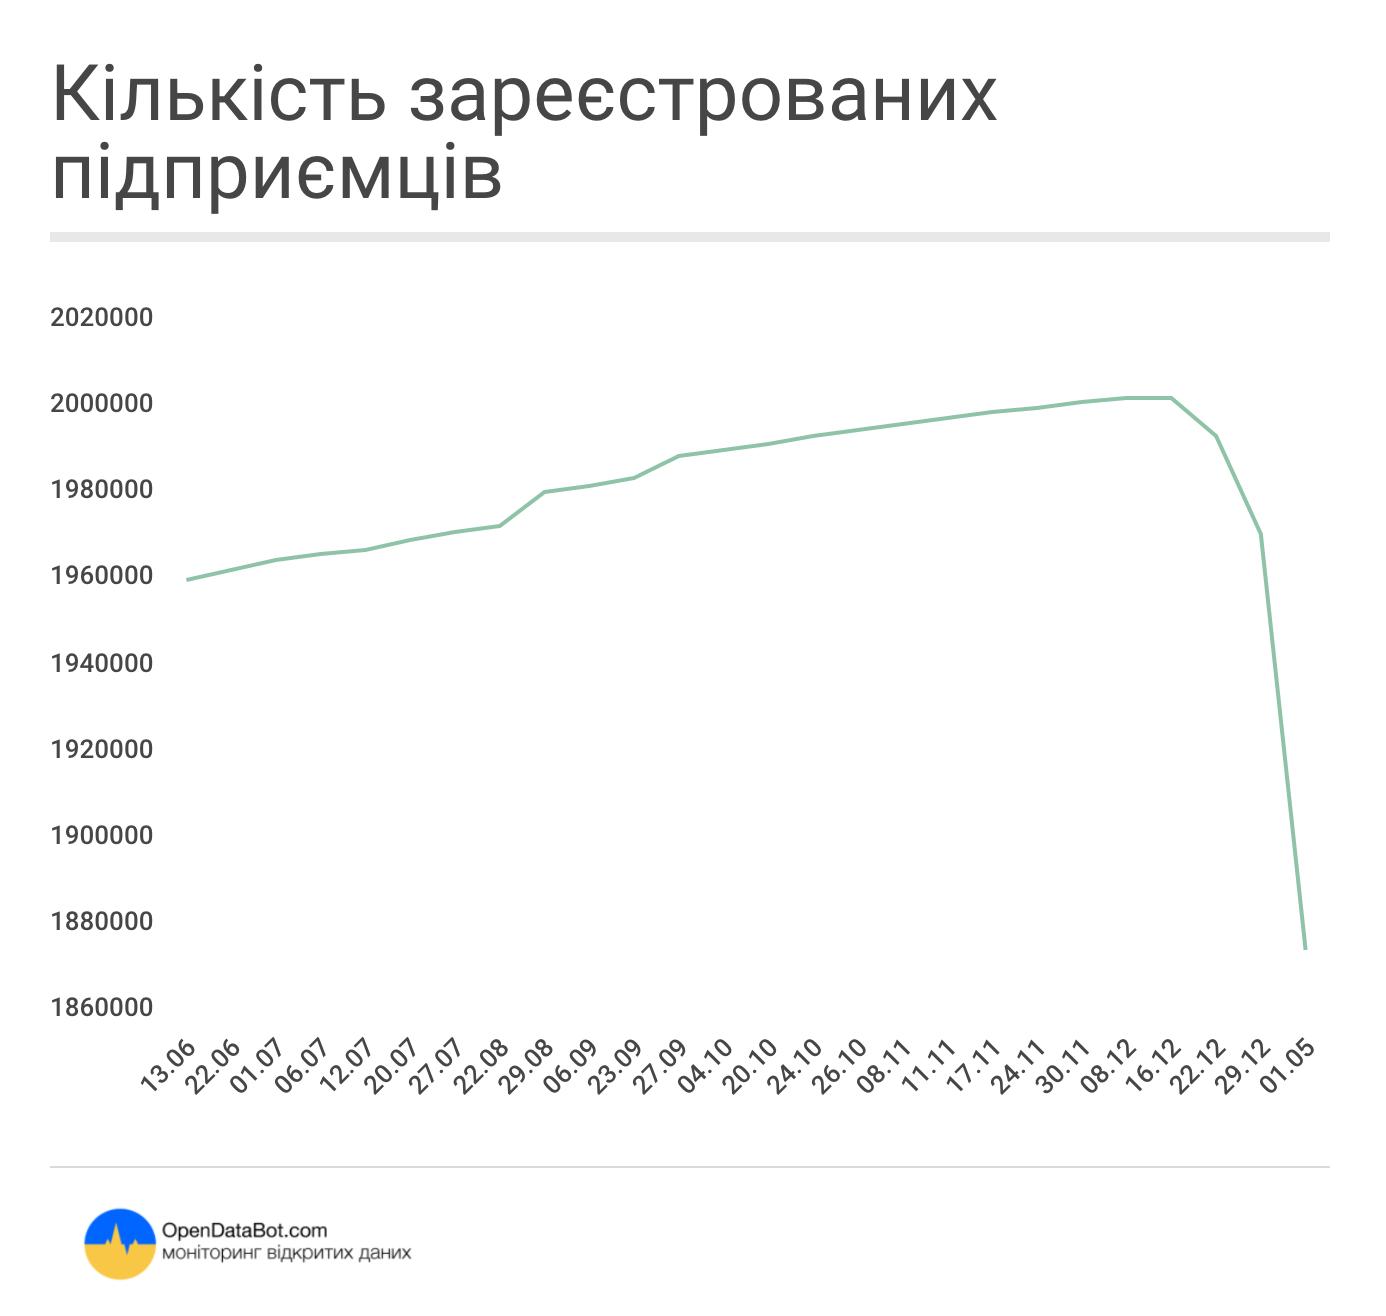 Кількість зареєстрованих підприємців